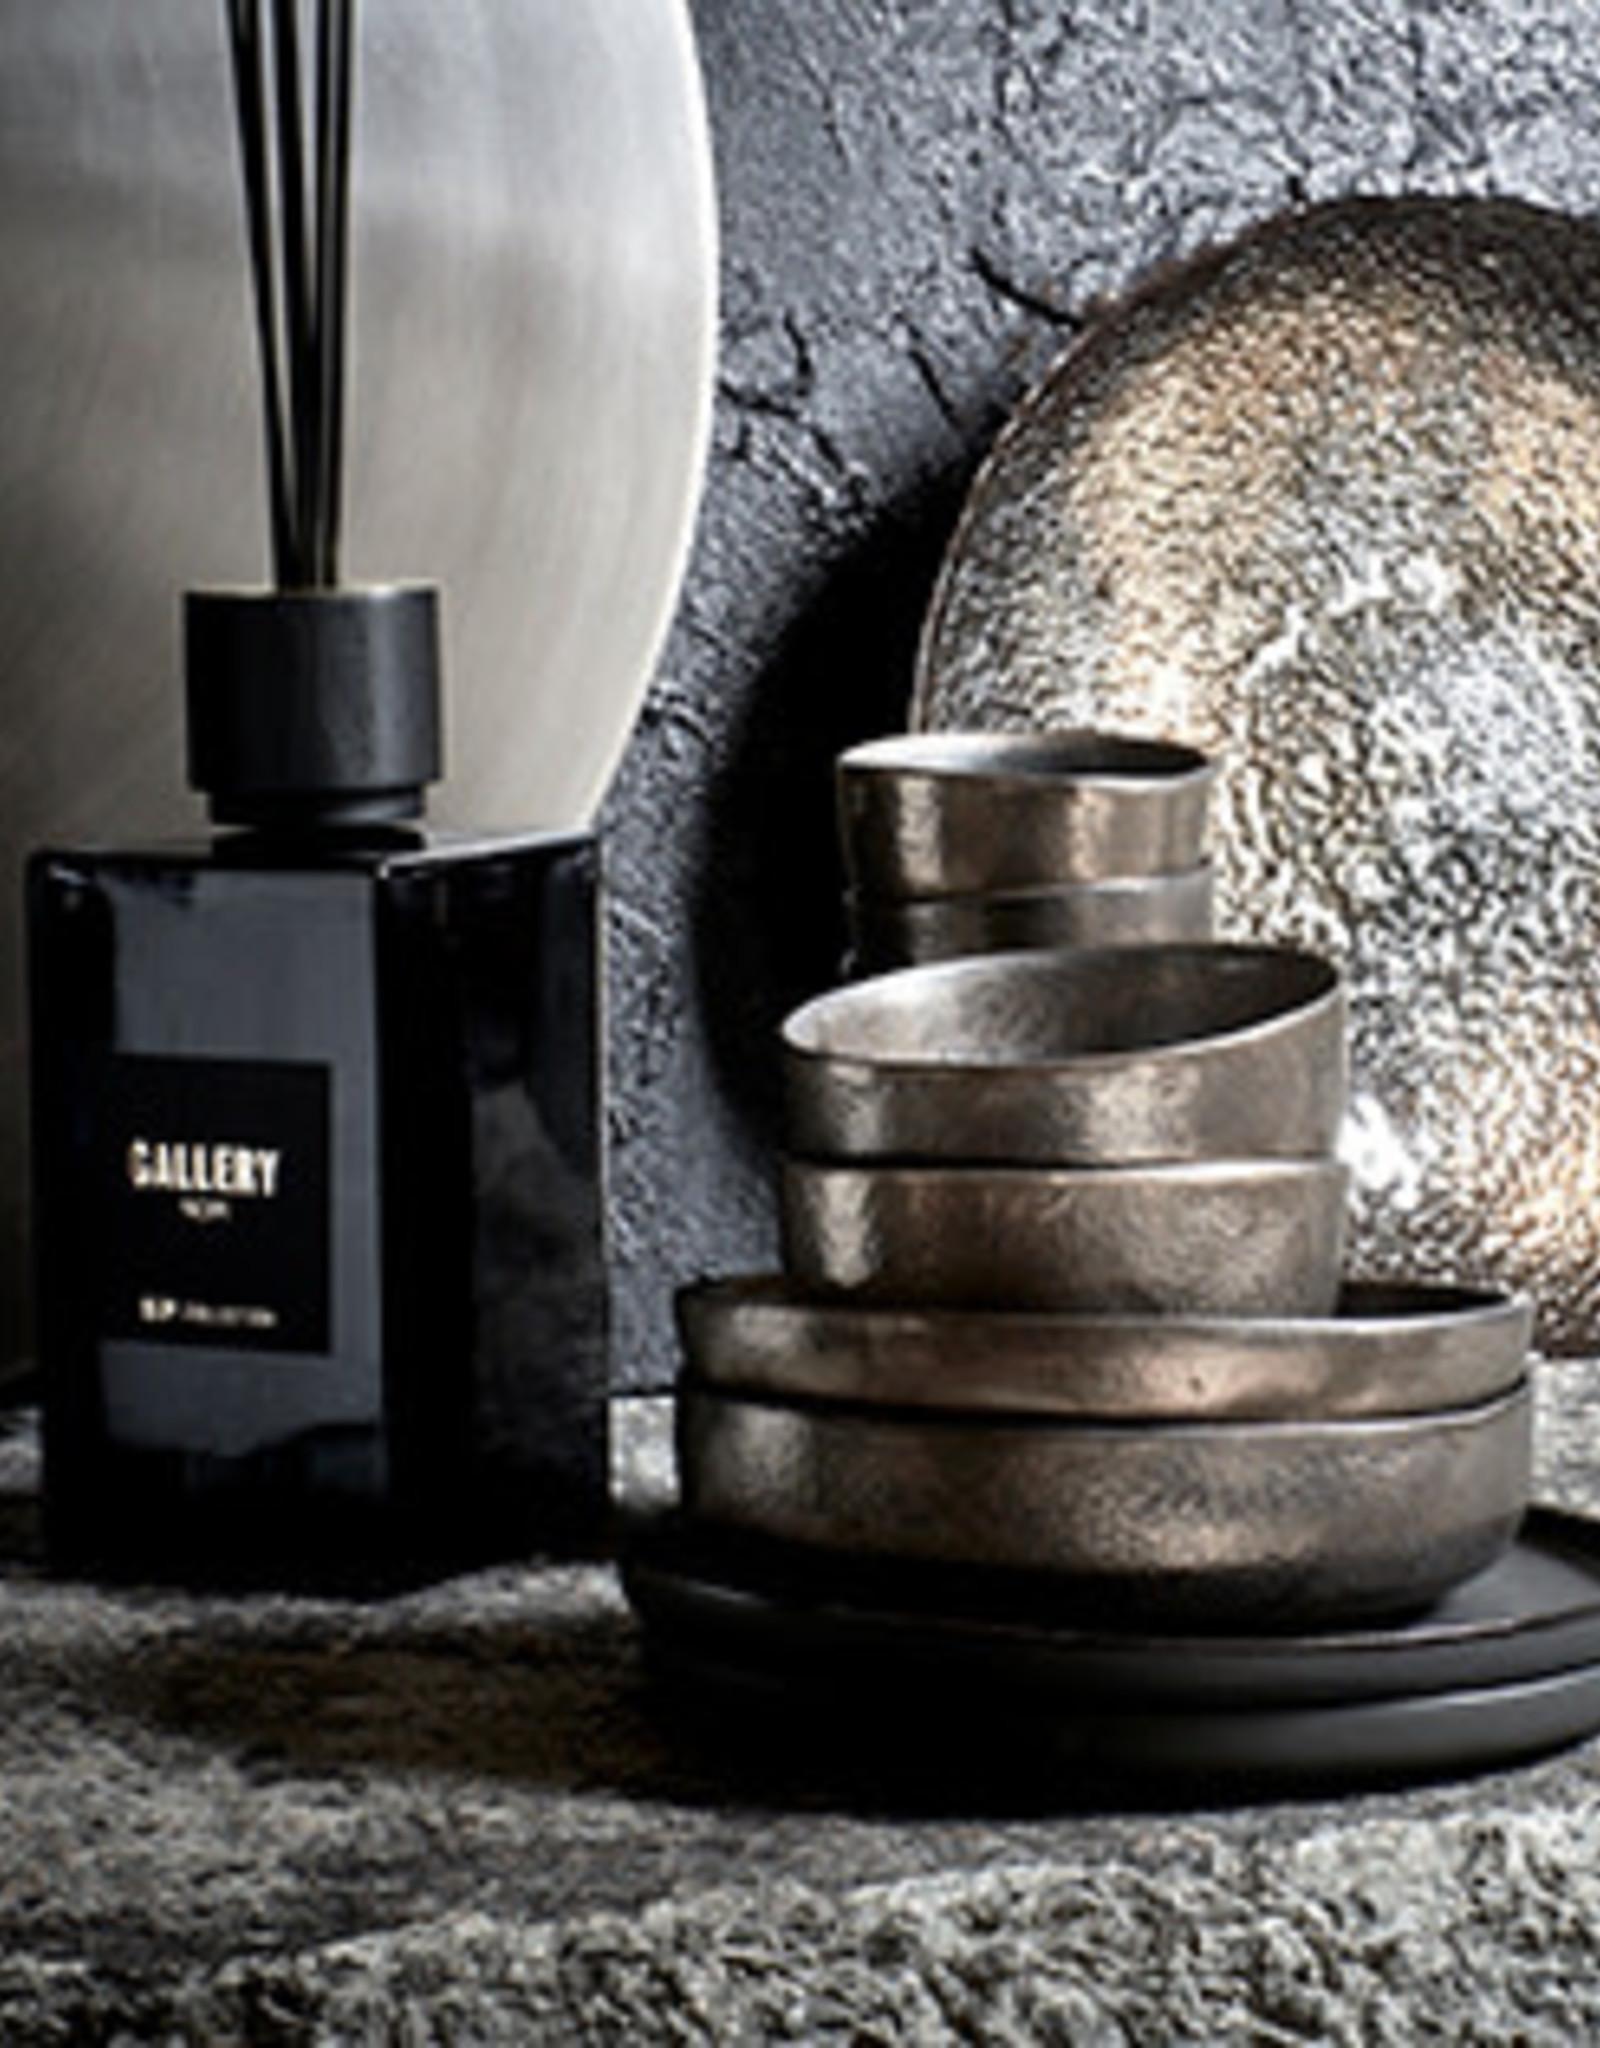 Salt & Peper S&P - Geurstokken Noir Gallery 500ml